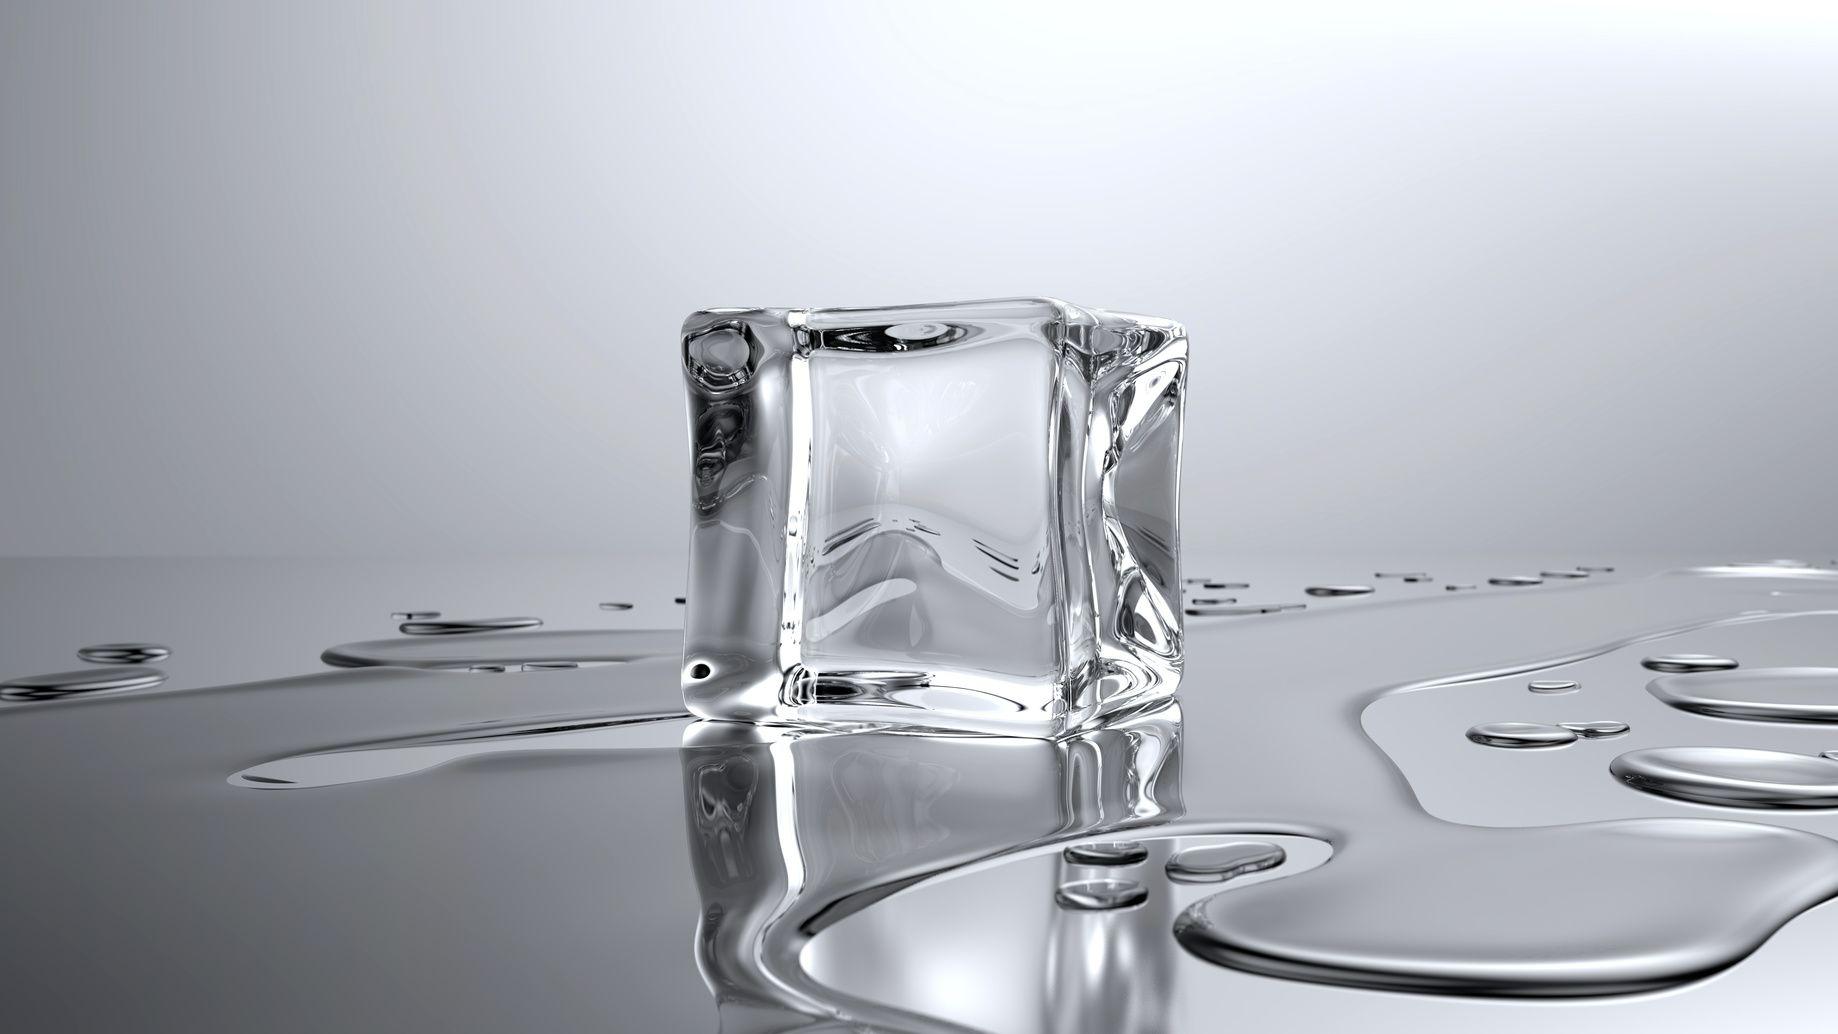 Warum Gefriert Warmes Wasser Schneller